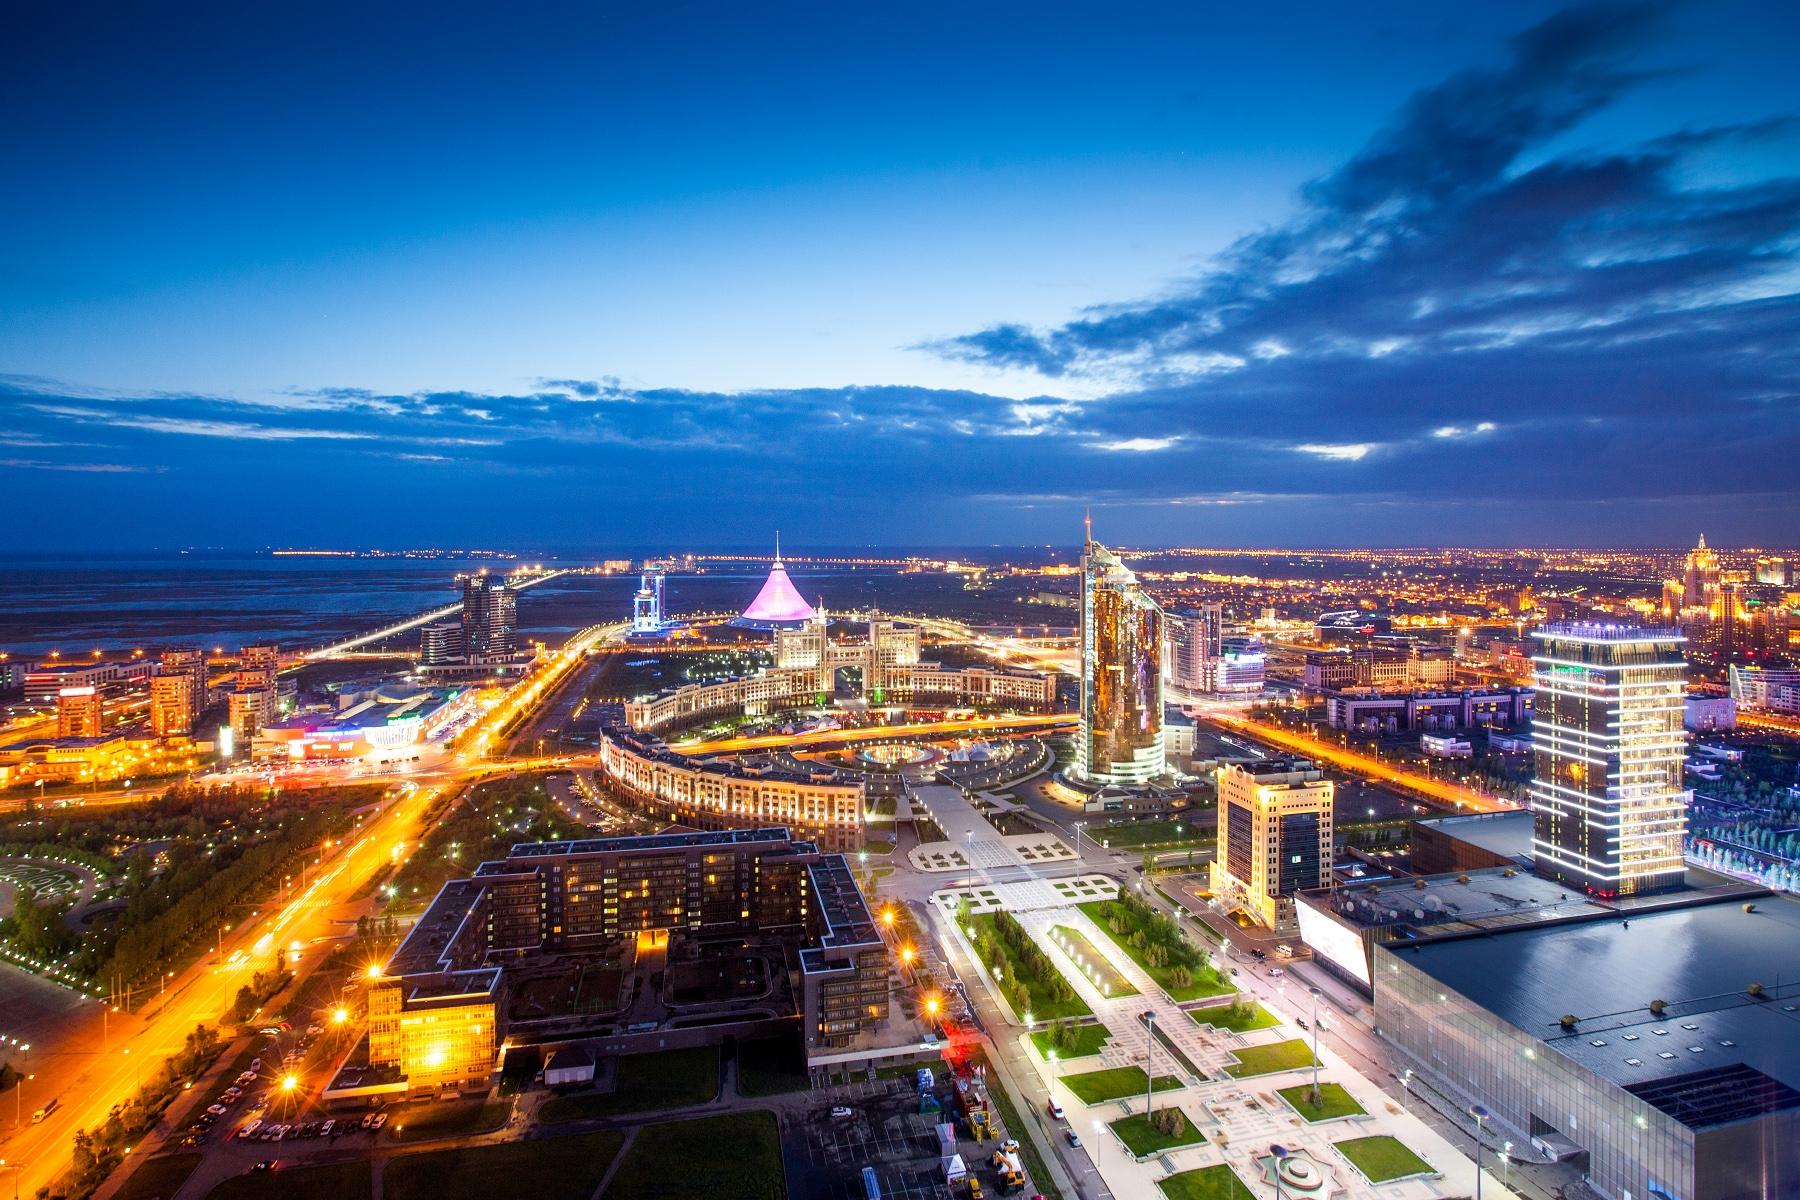 Выезд на пмж из казахстана в россию: как переехать, документы